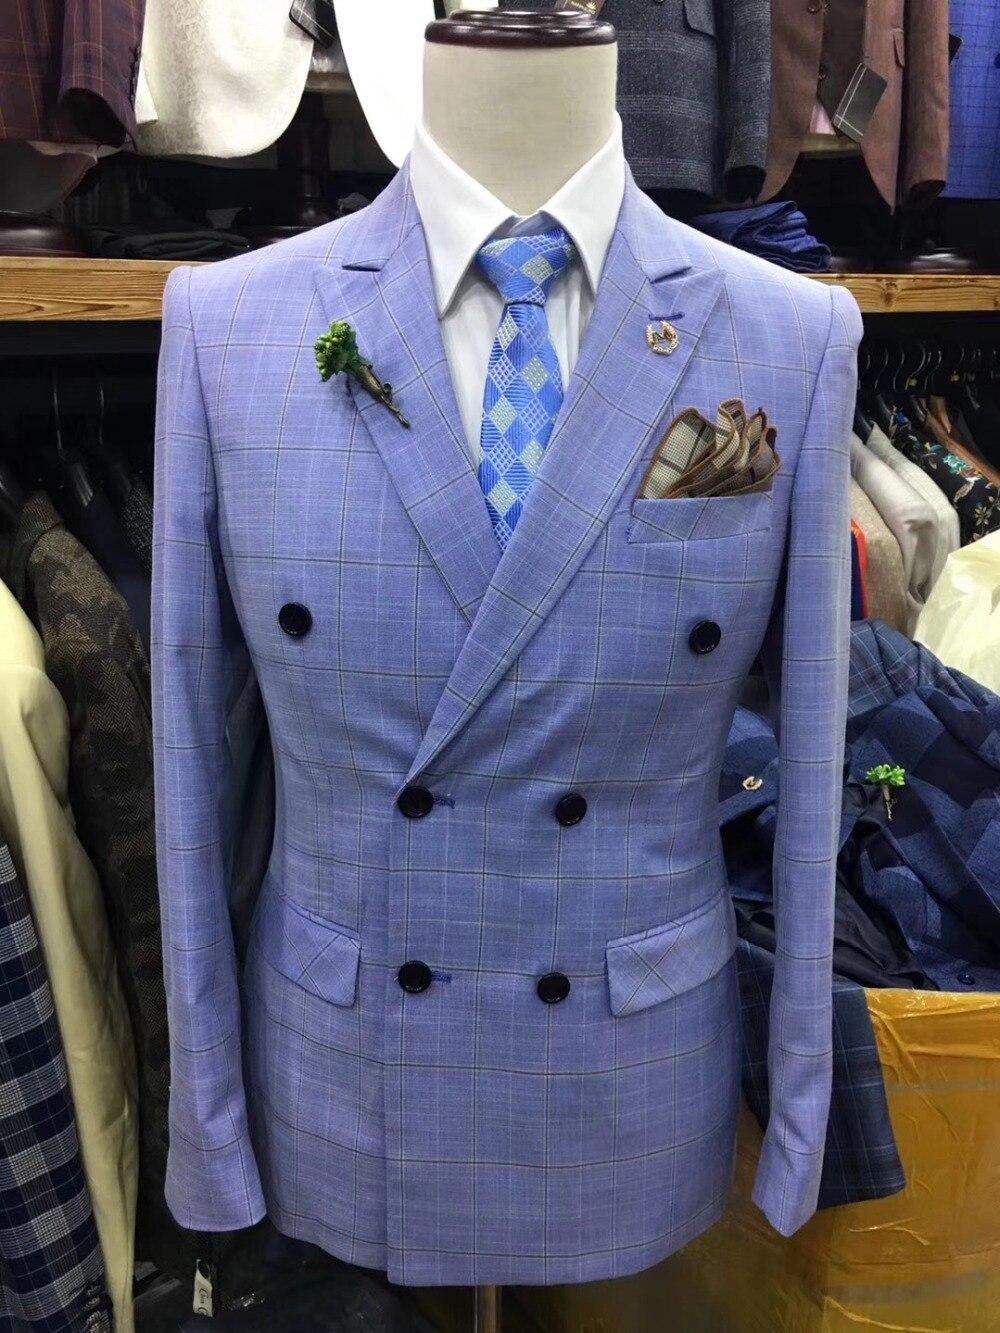 21a1ec609435 Formelle Costume Smoking D'affaires Pantalon Same As Pic De same Image Fit  Blazer Revers Boutonnage Bleu Hommes ...